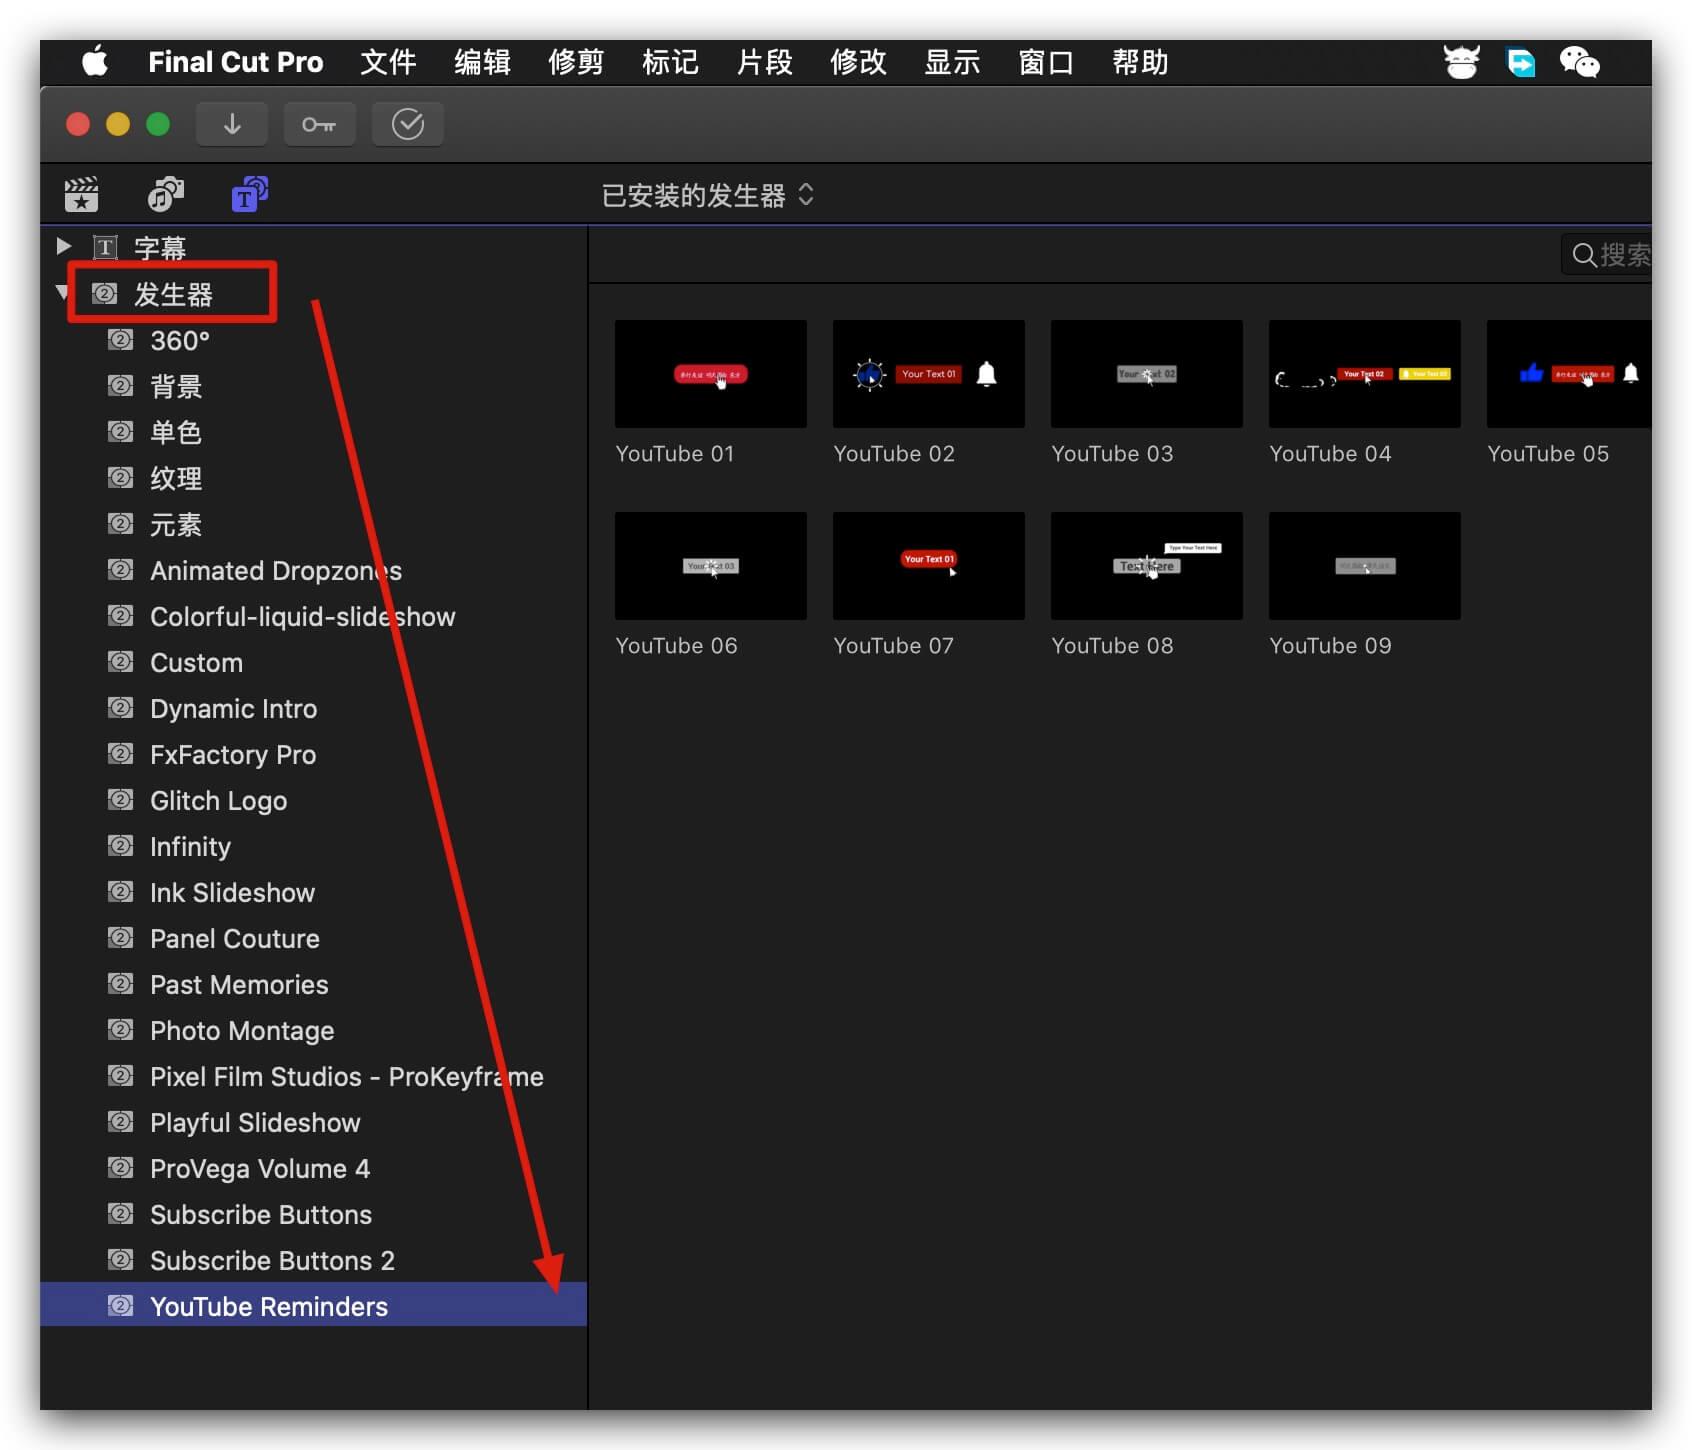 Fcpx插件 博主UP主卡通订阅按钮动画模板 第二季 YouTube Reminders